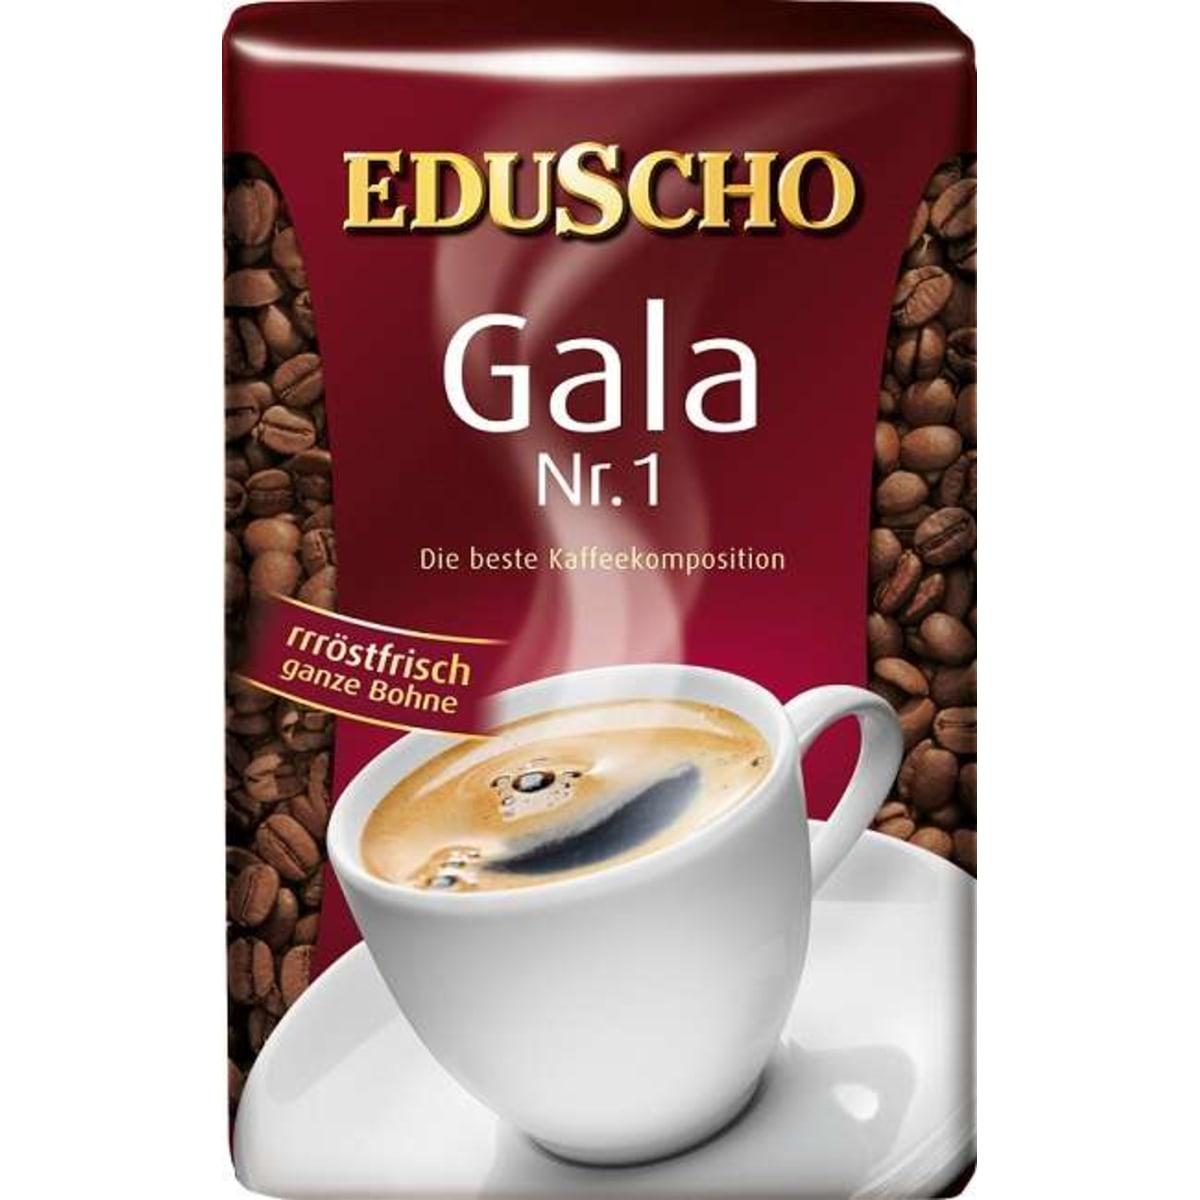 Eduscho Gala Nr.1 Bohne